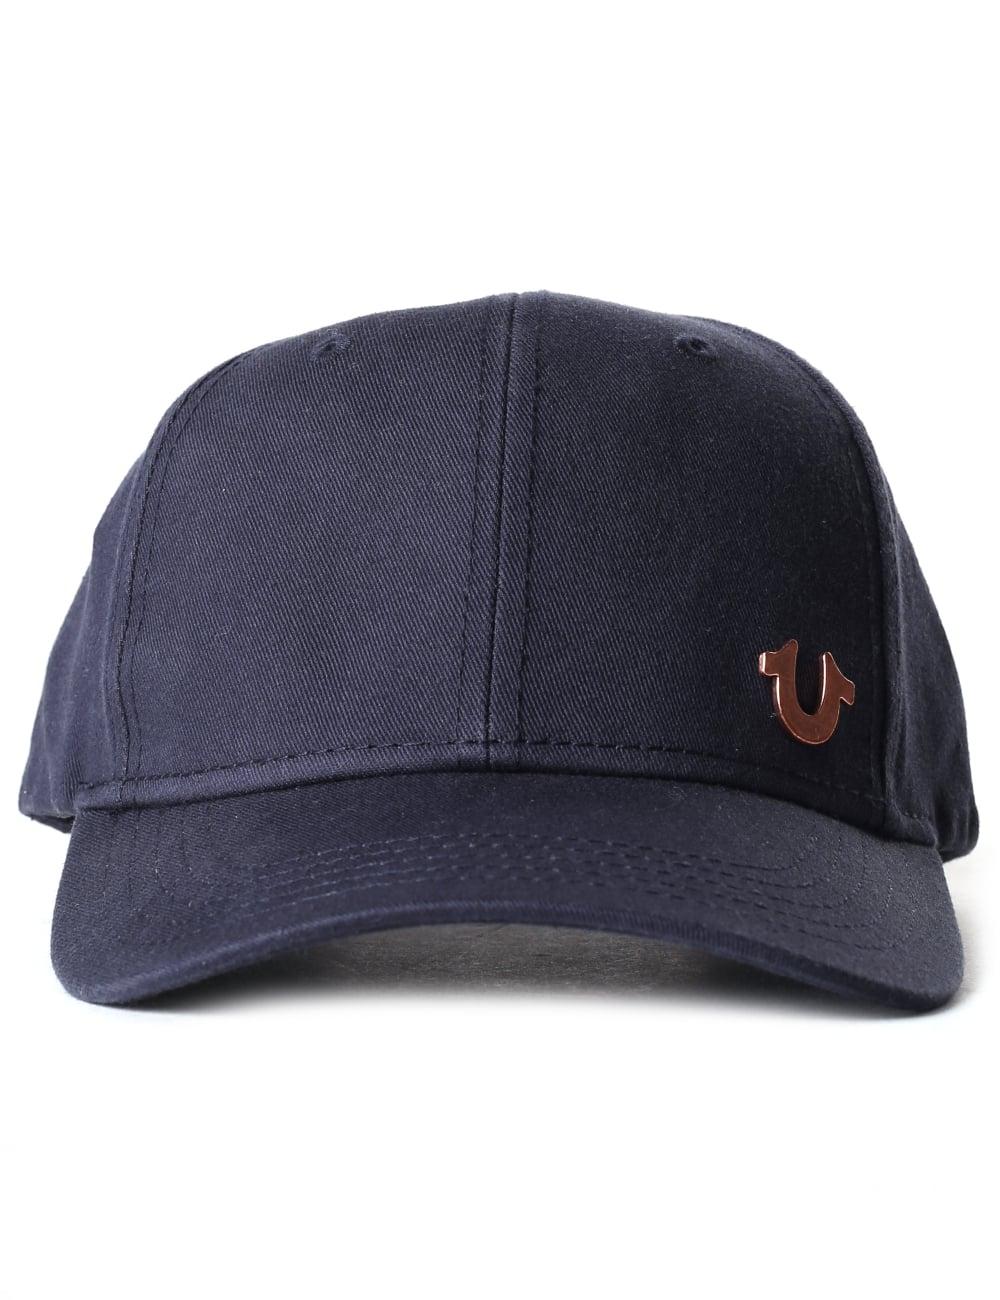 d3e3a05aad2 True Religion Core Logo Men s Baseball Cap